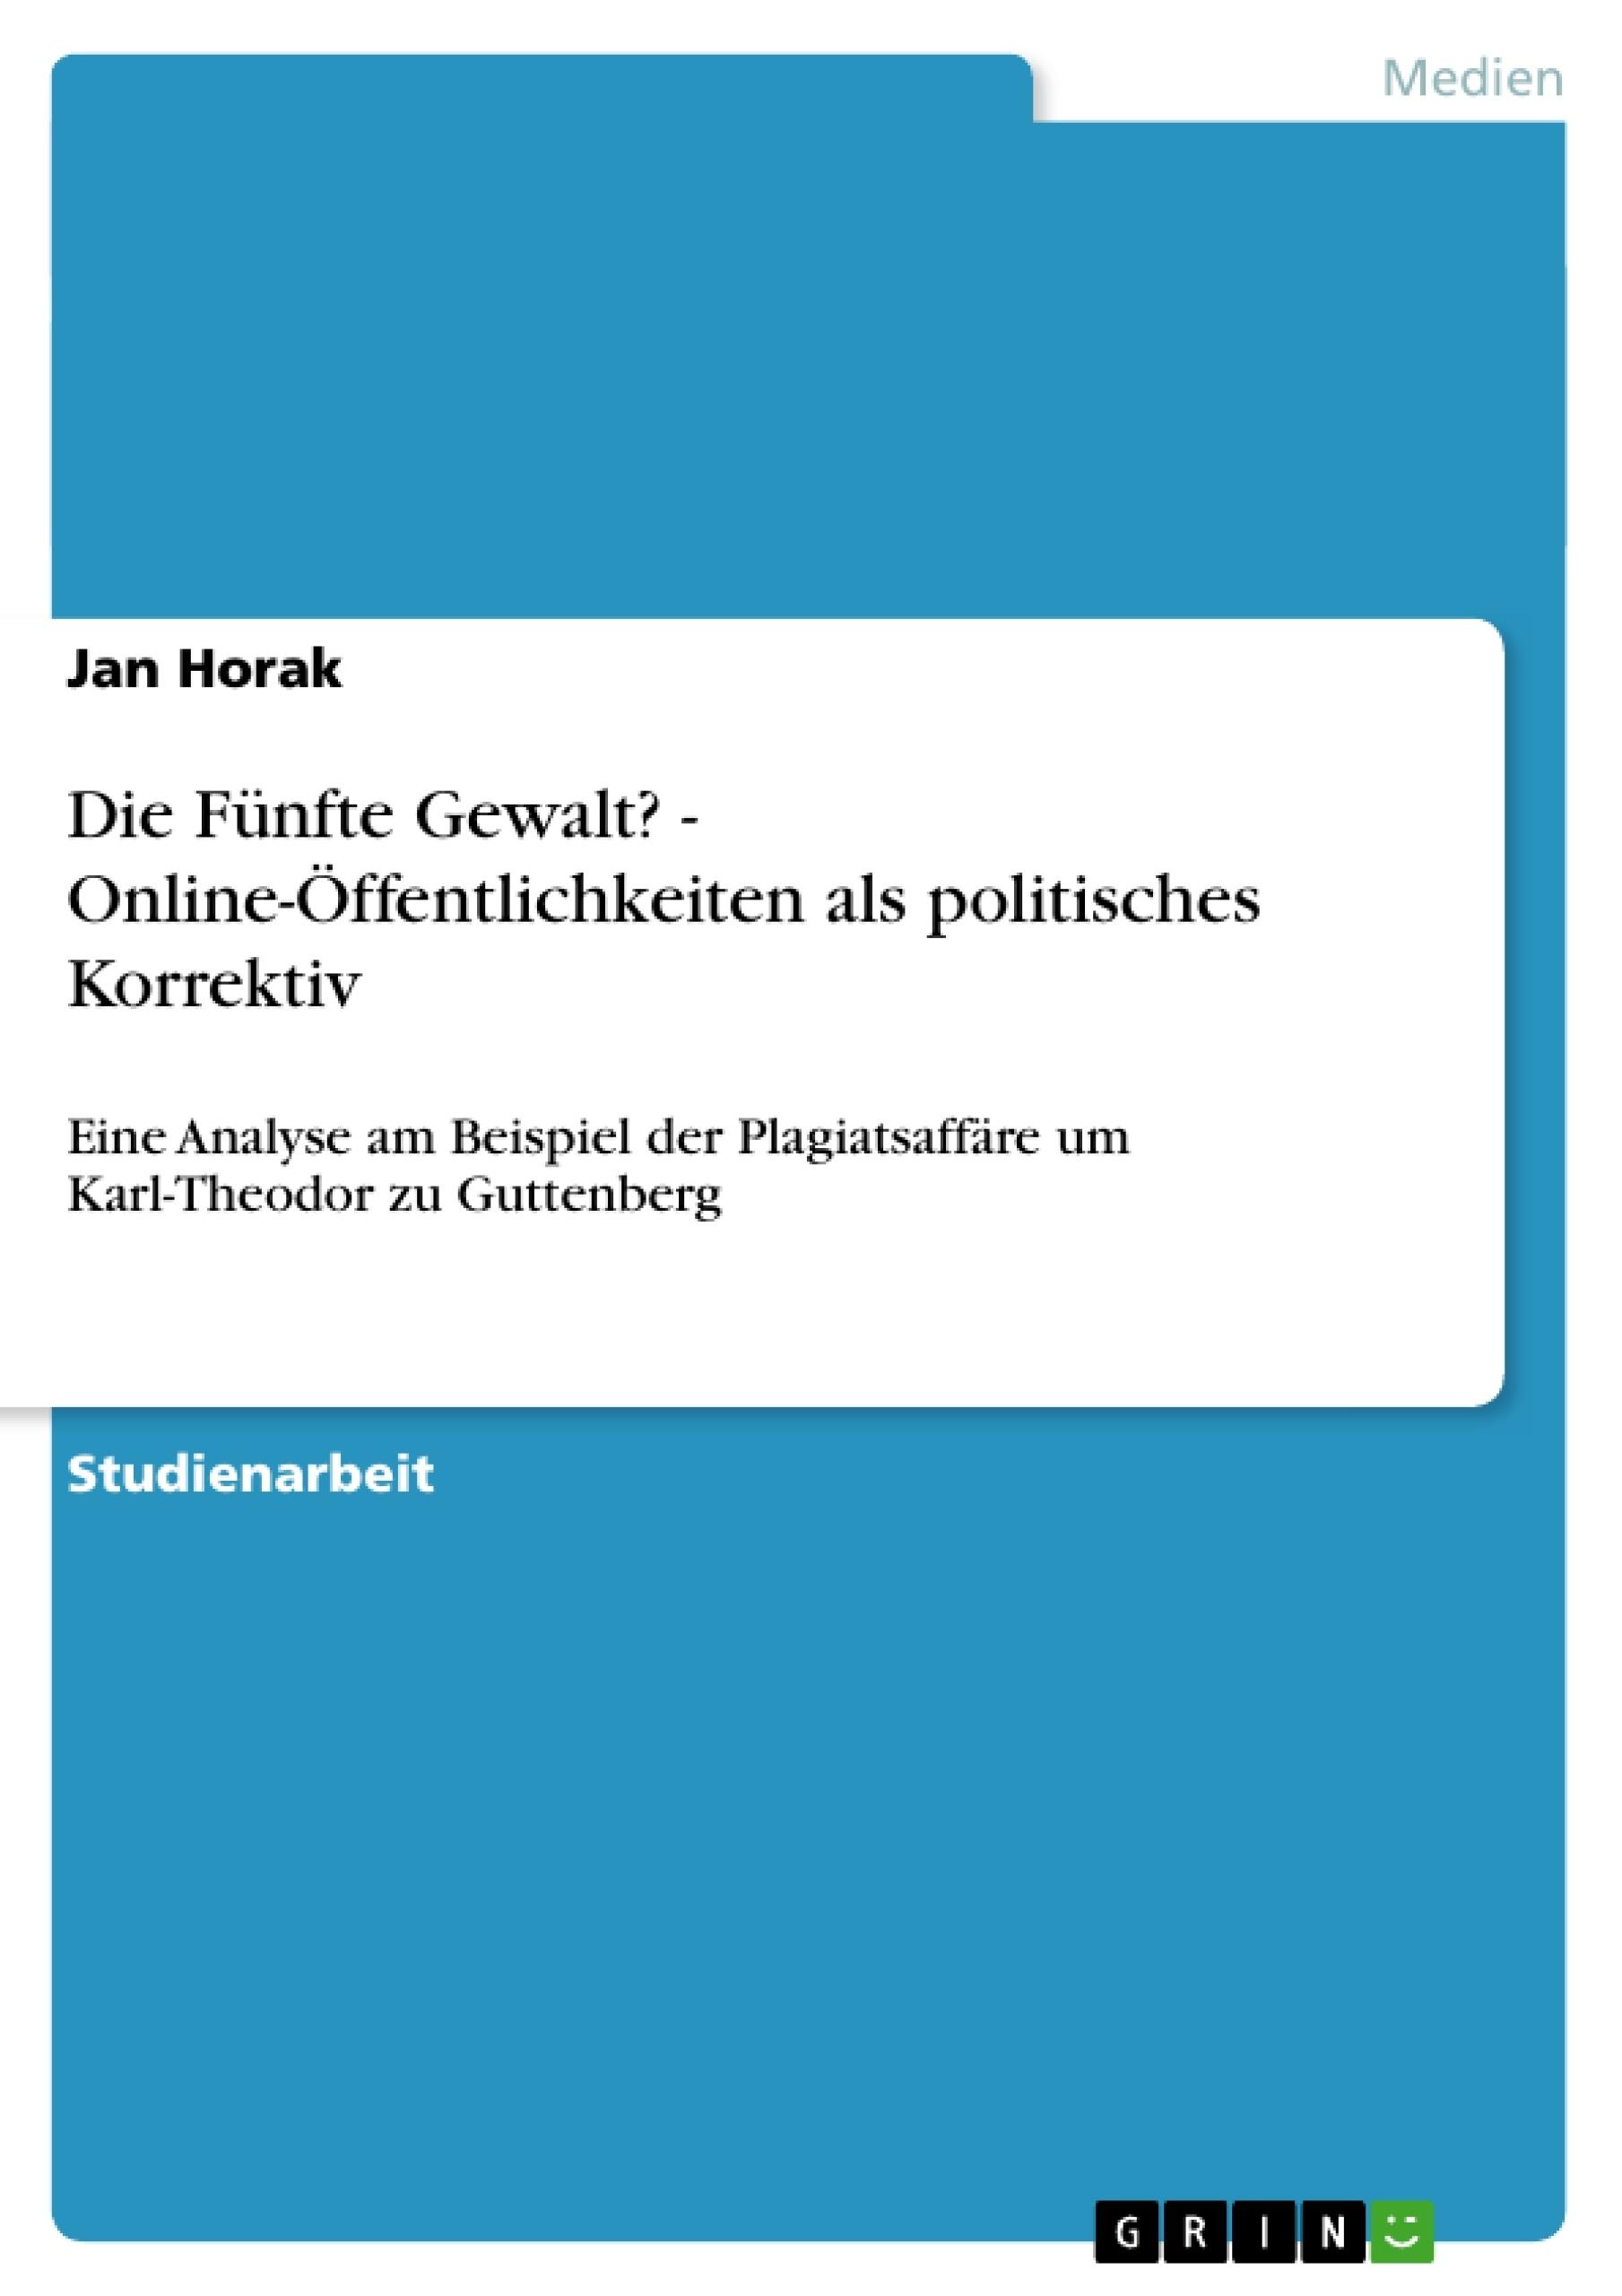 Titel: Die Fünfte Gewalt? - Online-Öffentlichkeiten als politisches Korrektiv